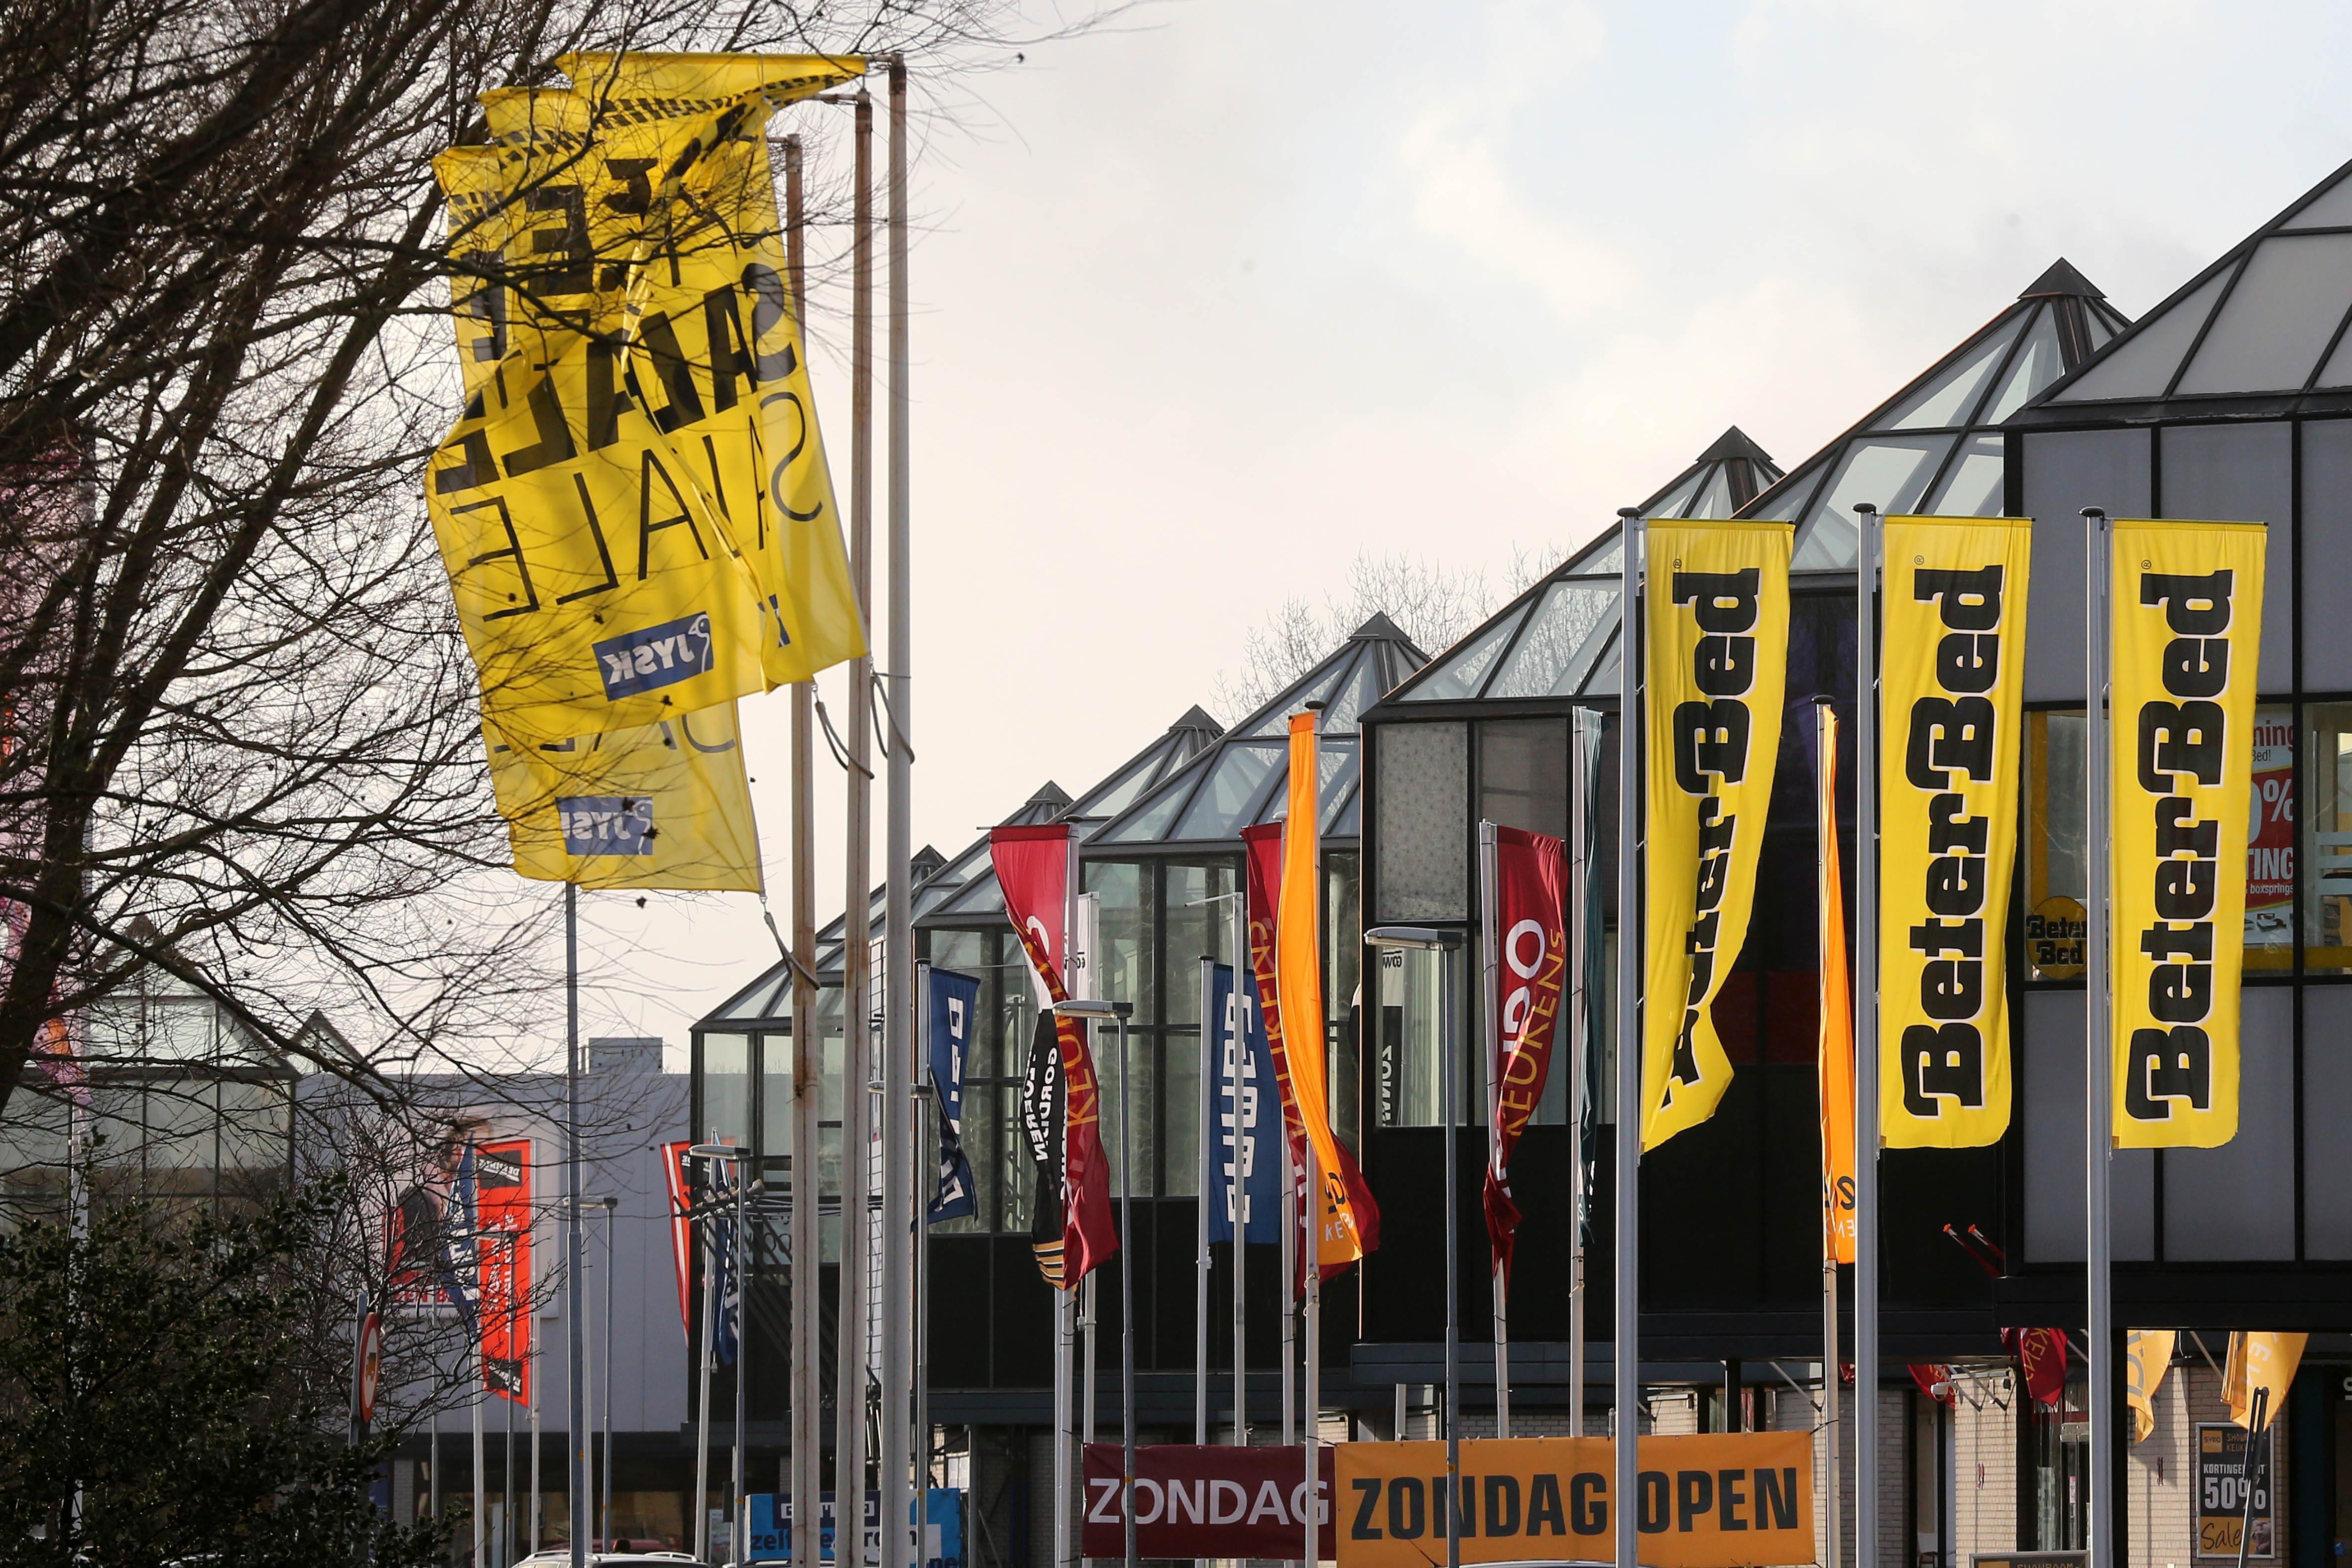 Als er horeca mag op het Ravelijncenter in Den Helder, en een coffeeshop, waarom een Aldi dan niet? Pandeigenaar probeert het via de rechter toch voor elkaar te krijgen